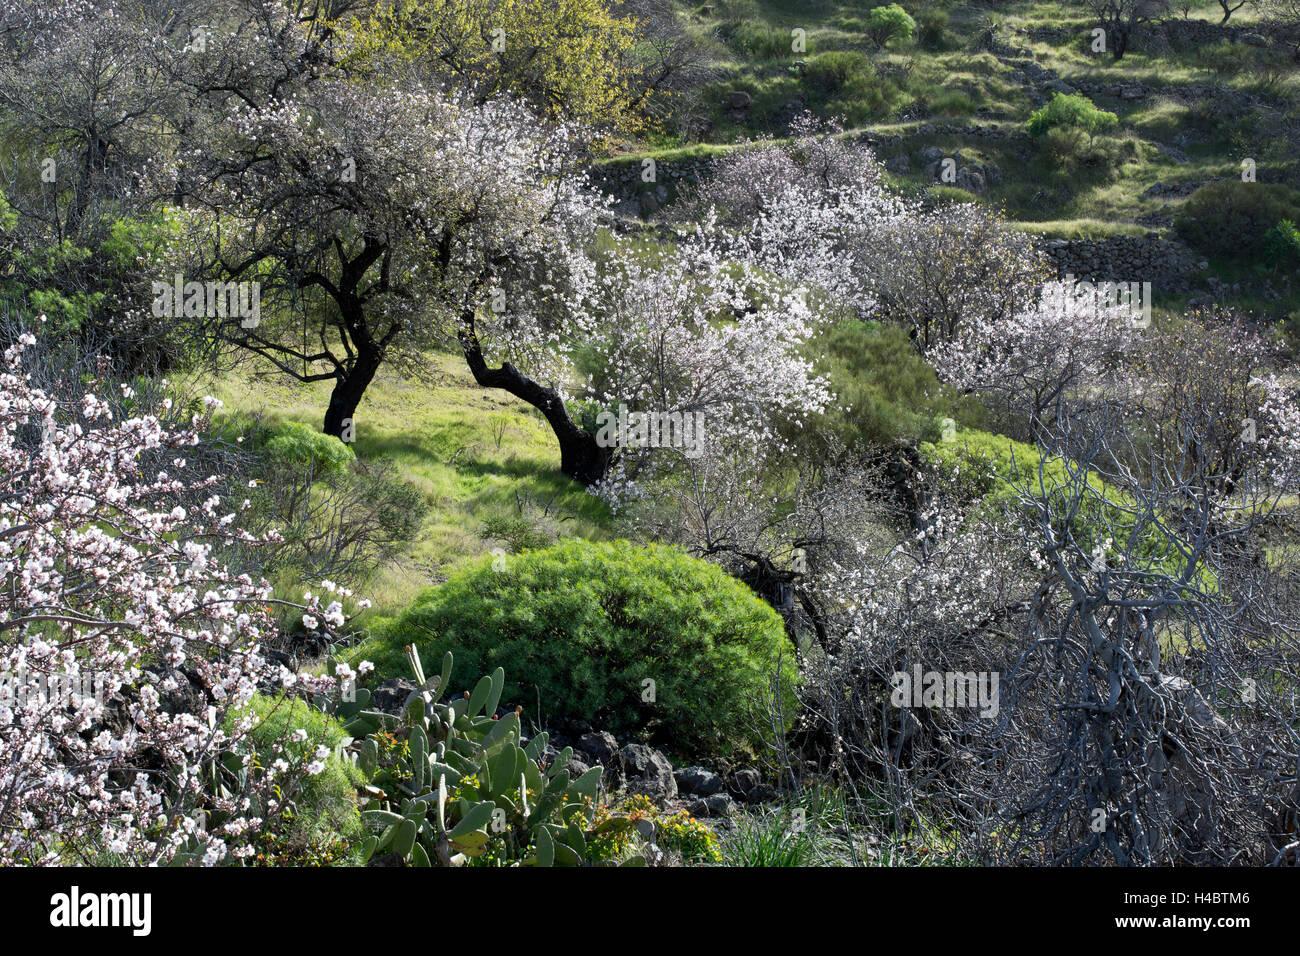 Mandelbaum Blüte in der Nähe von Santiago del Teide auf Teneriffa, Kanarische Inseln, Spanien, Europa Stockbild